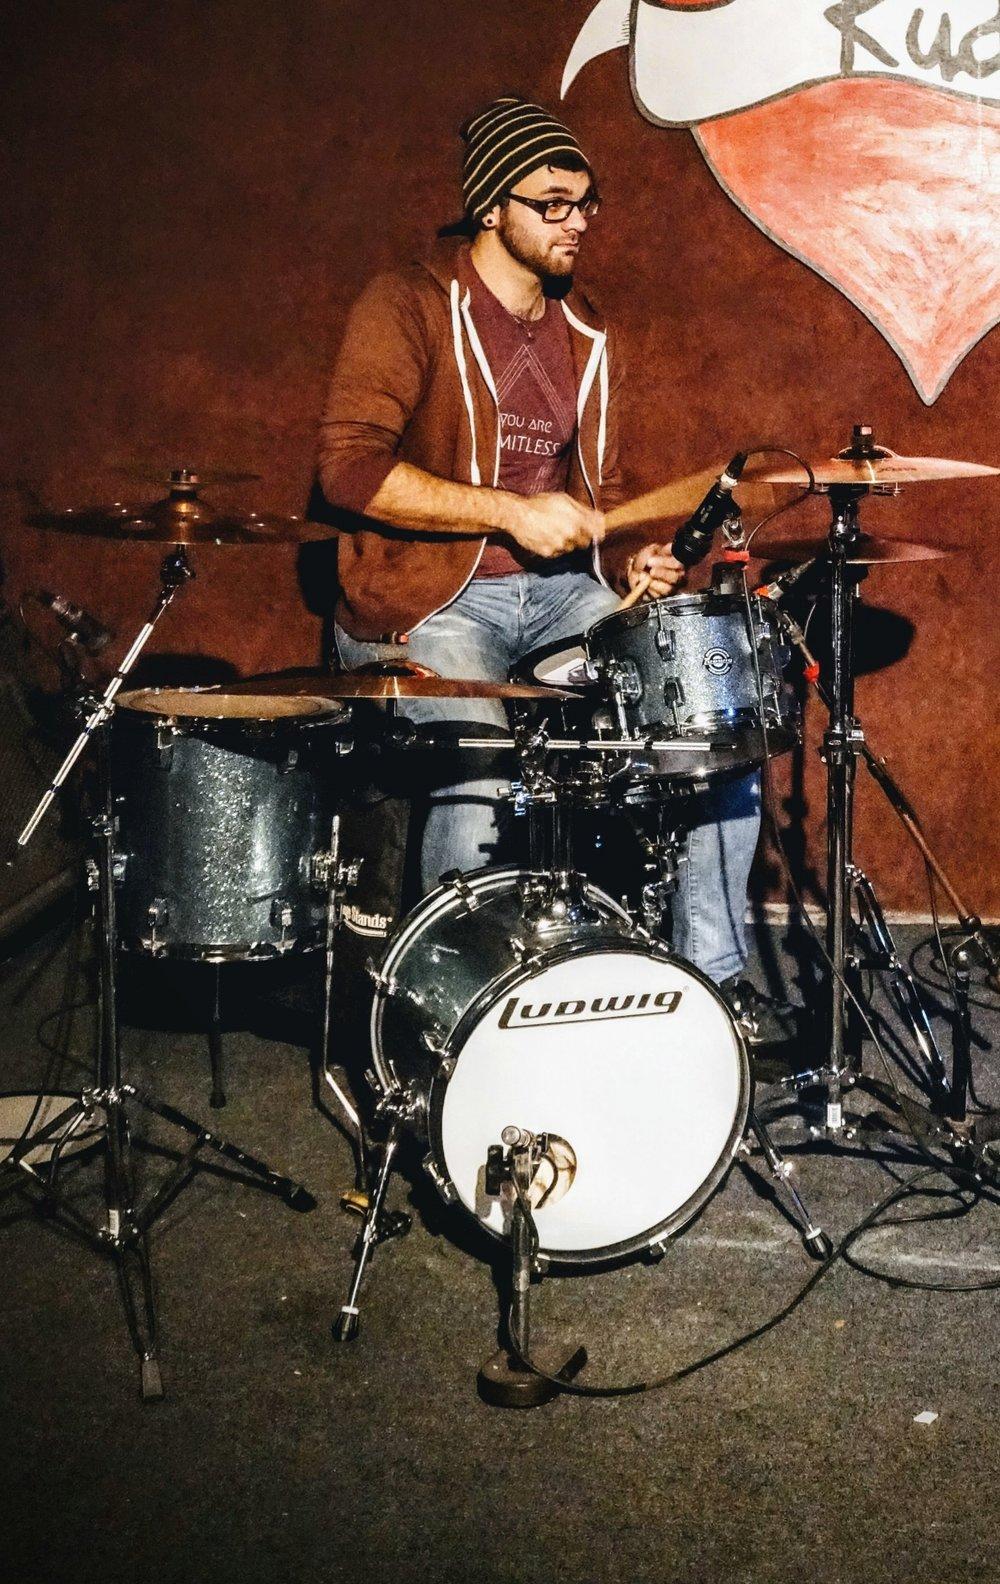 John Paddie